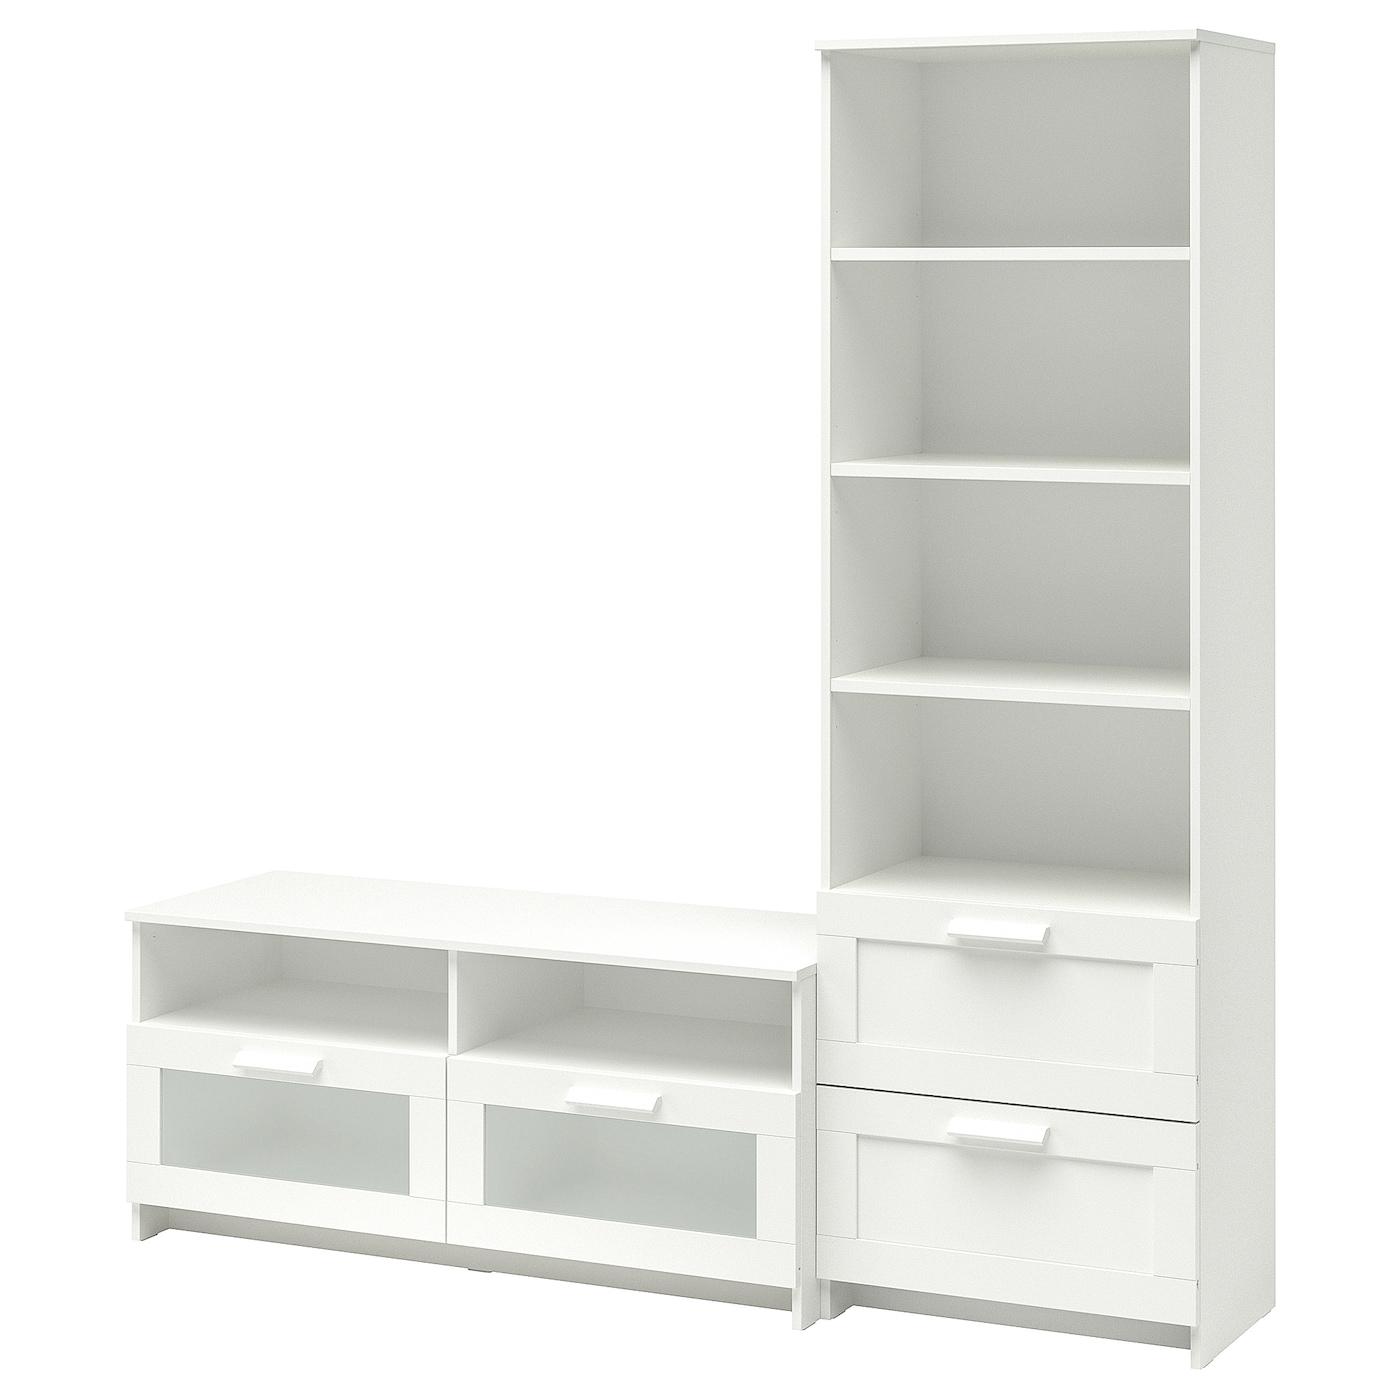 brimnes combinaison meuble tv blanc 180 x 41 x 190 cm ikea. Black Bedroom Furniture Sets. Home Design Ideas